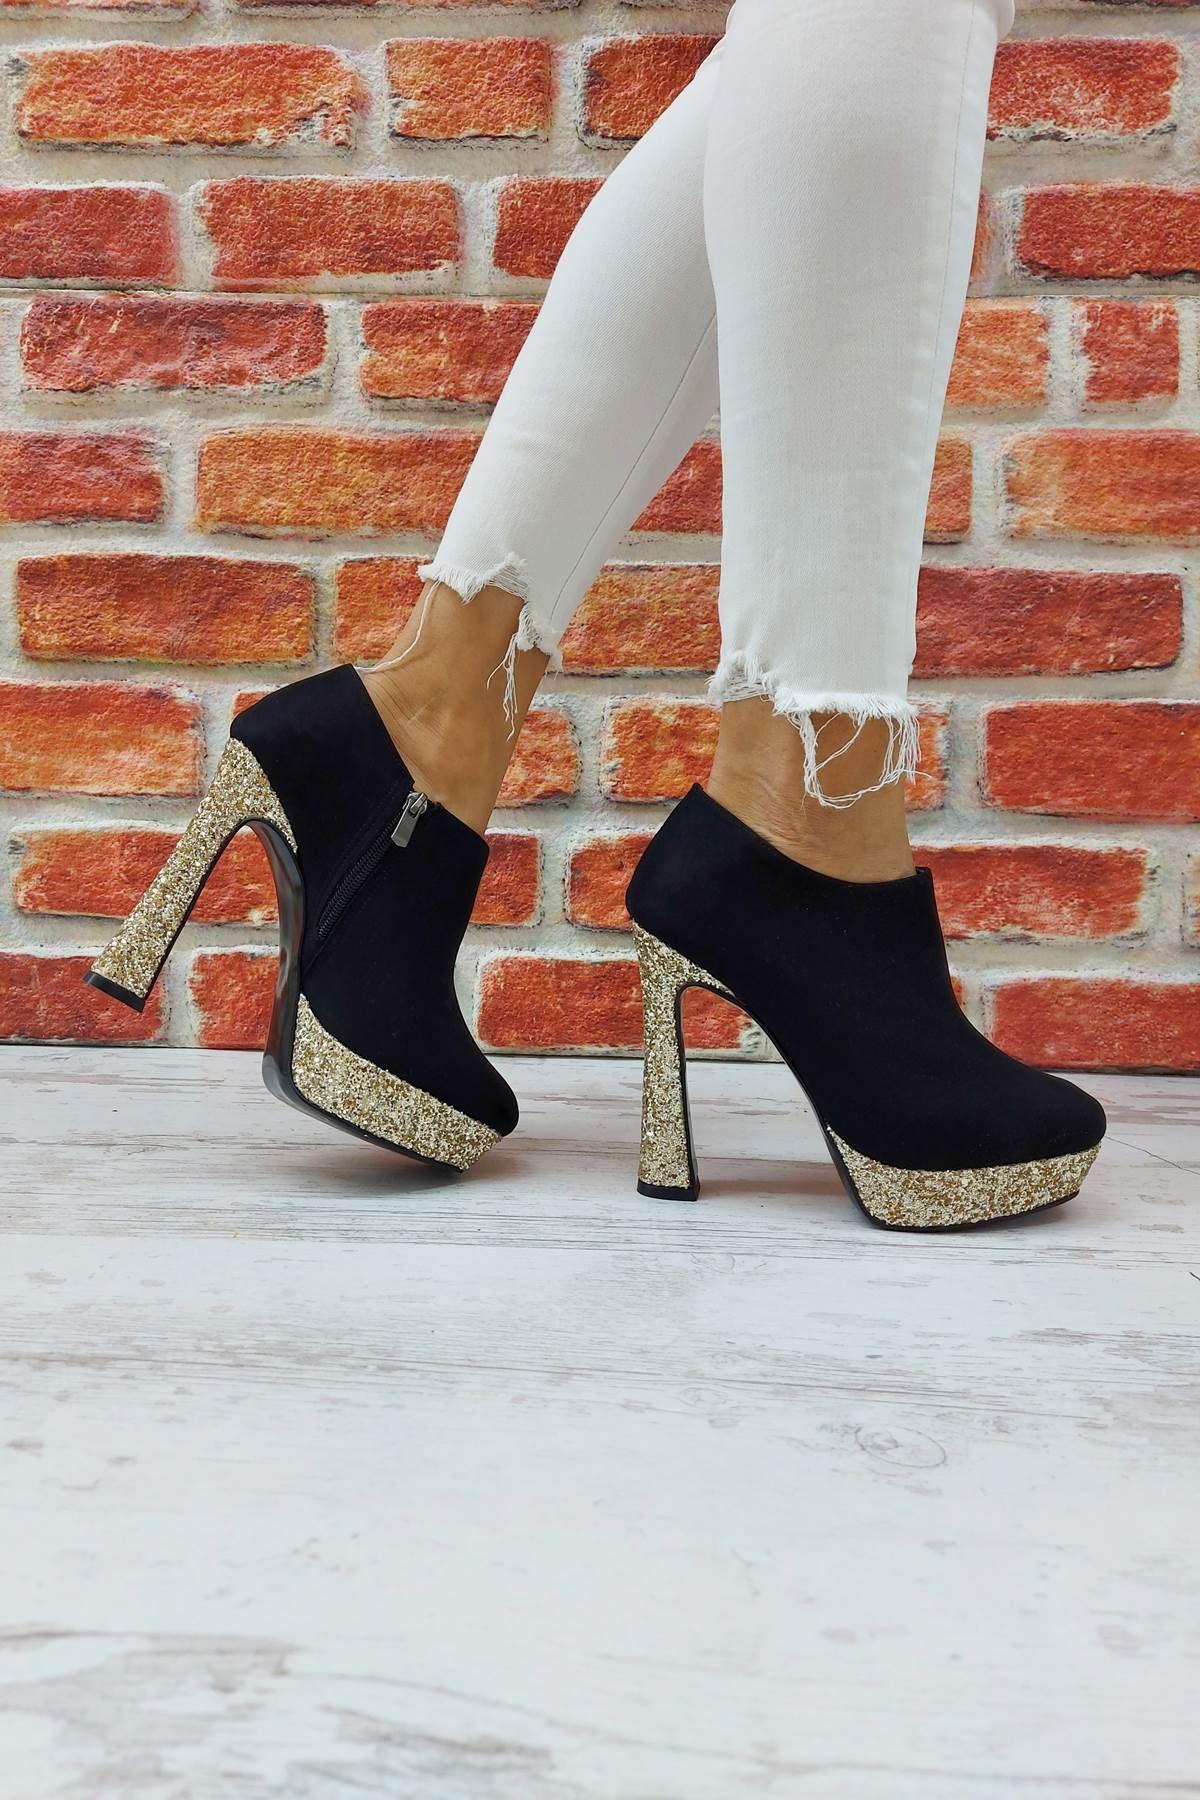 Cattle Siyah - Gold Topuklu Kadın Bot